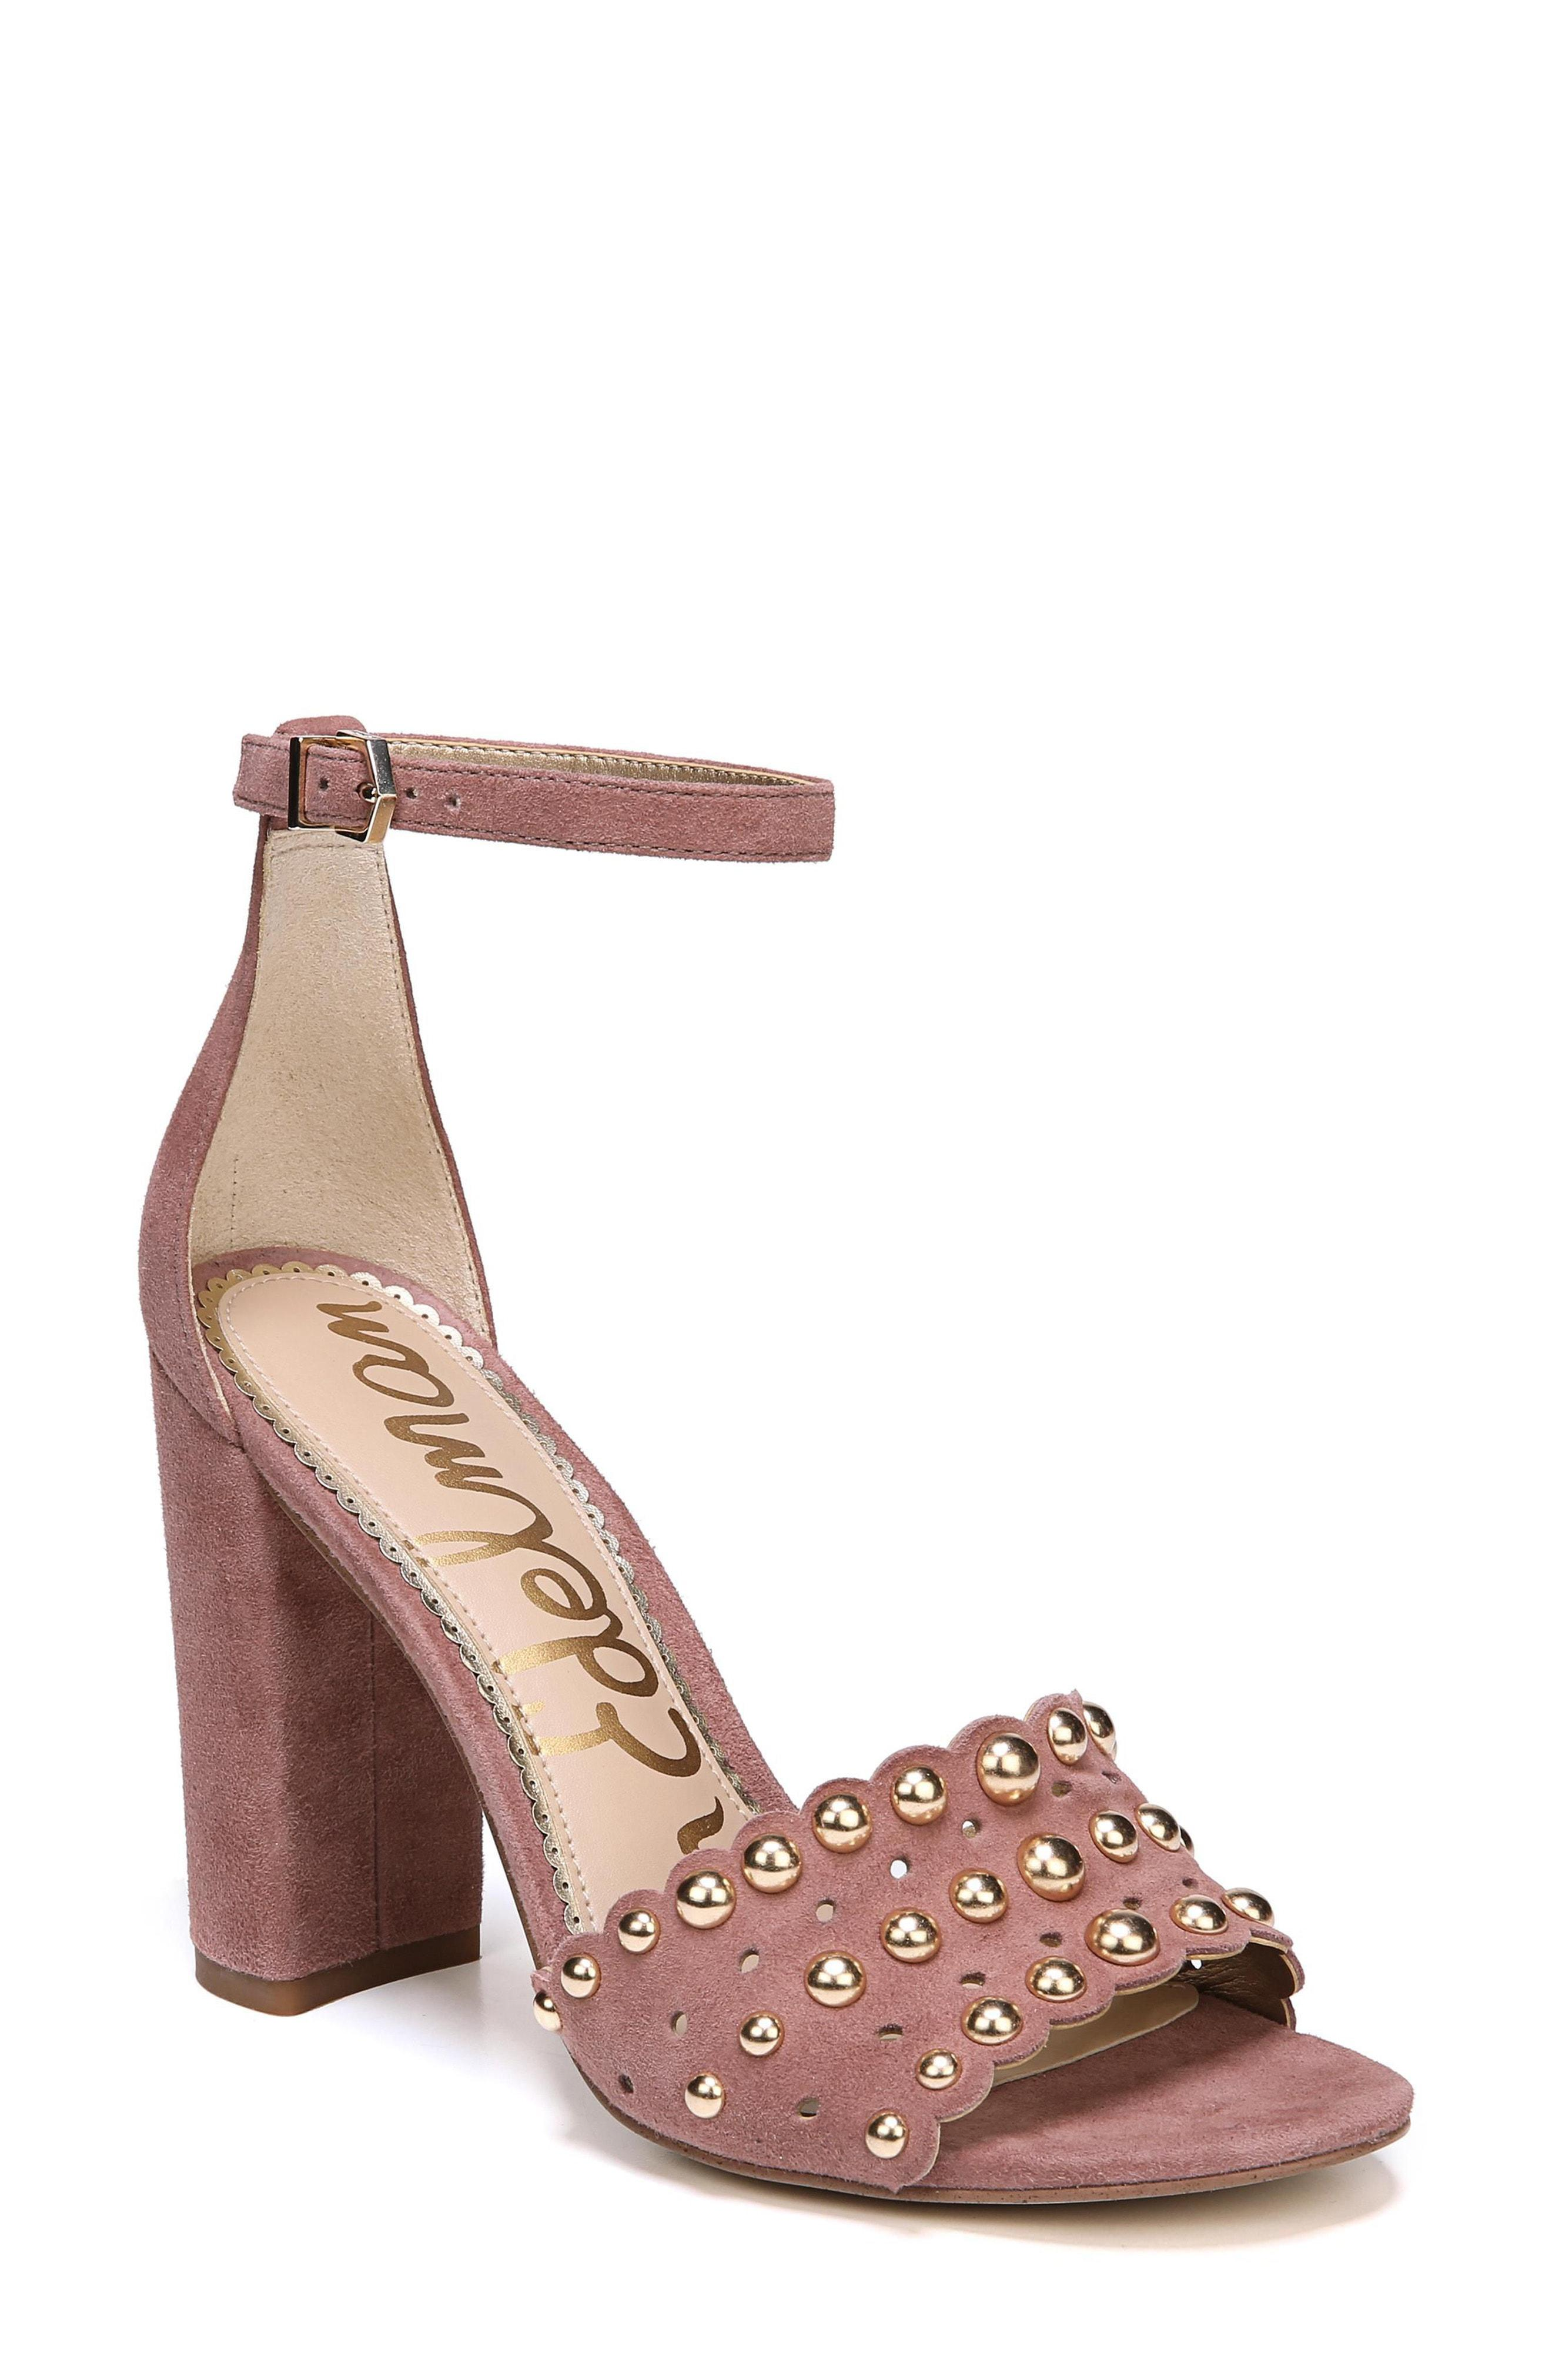 860af92f911 Lyst - Sam Edelman Yaria Studded Block Heel Sandal in Metallic